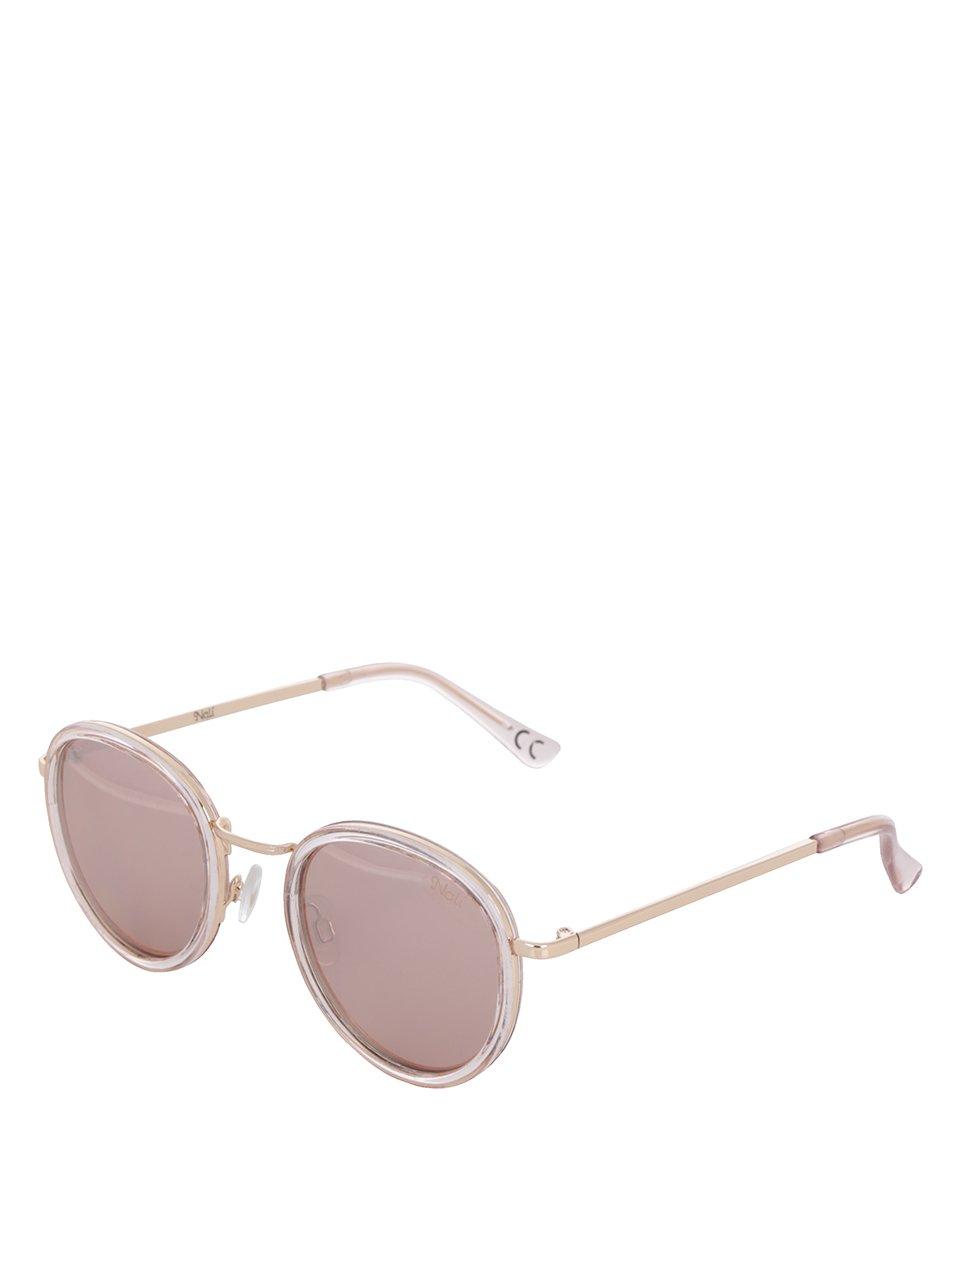 Růžové dámské sluneční brýle s detaily ve zlaté barvě Nalí